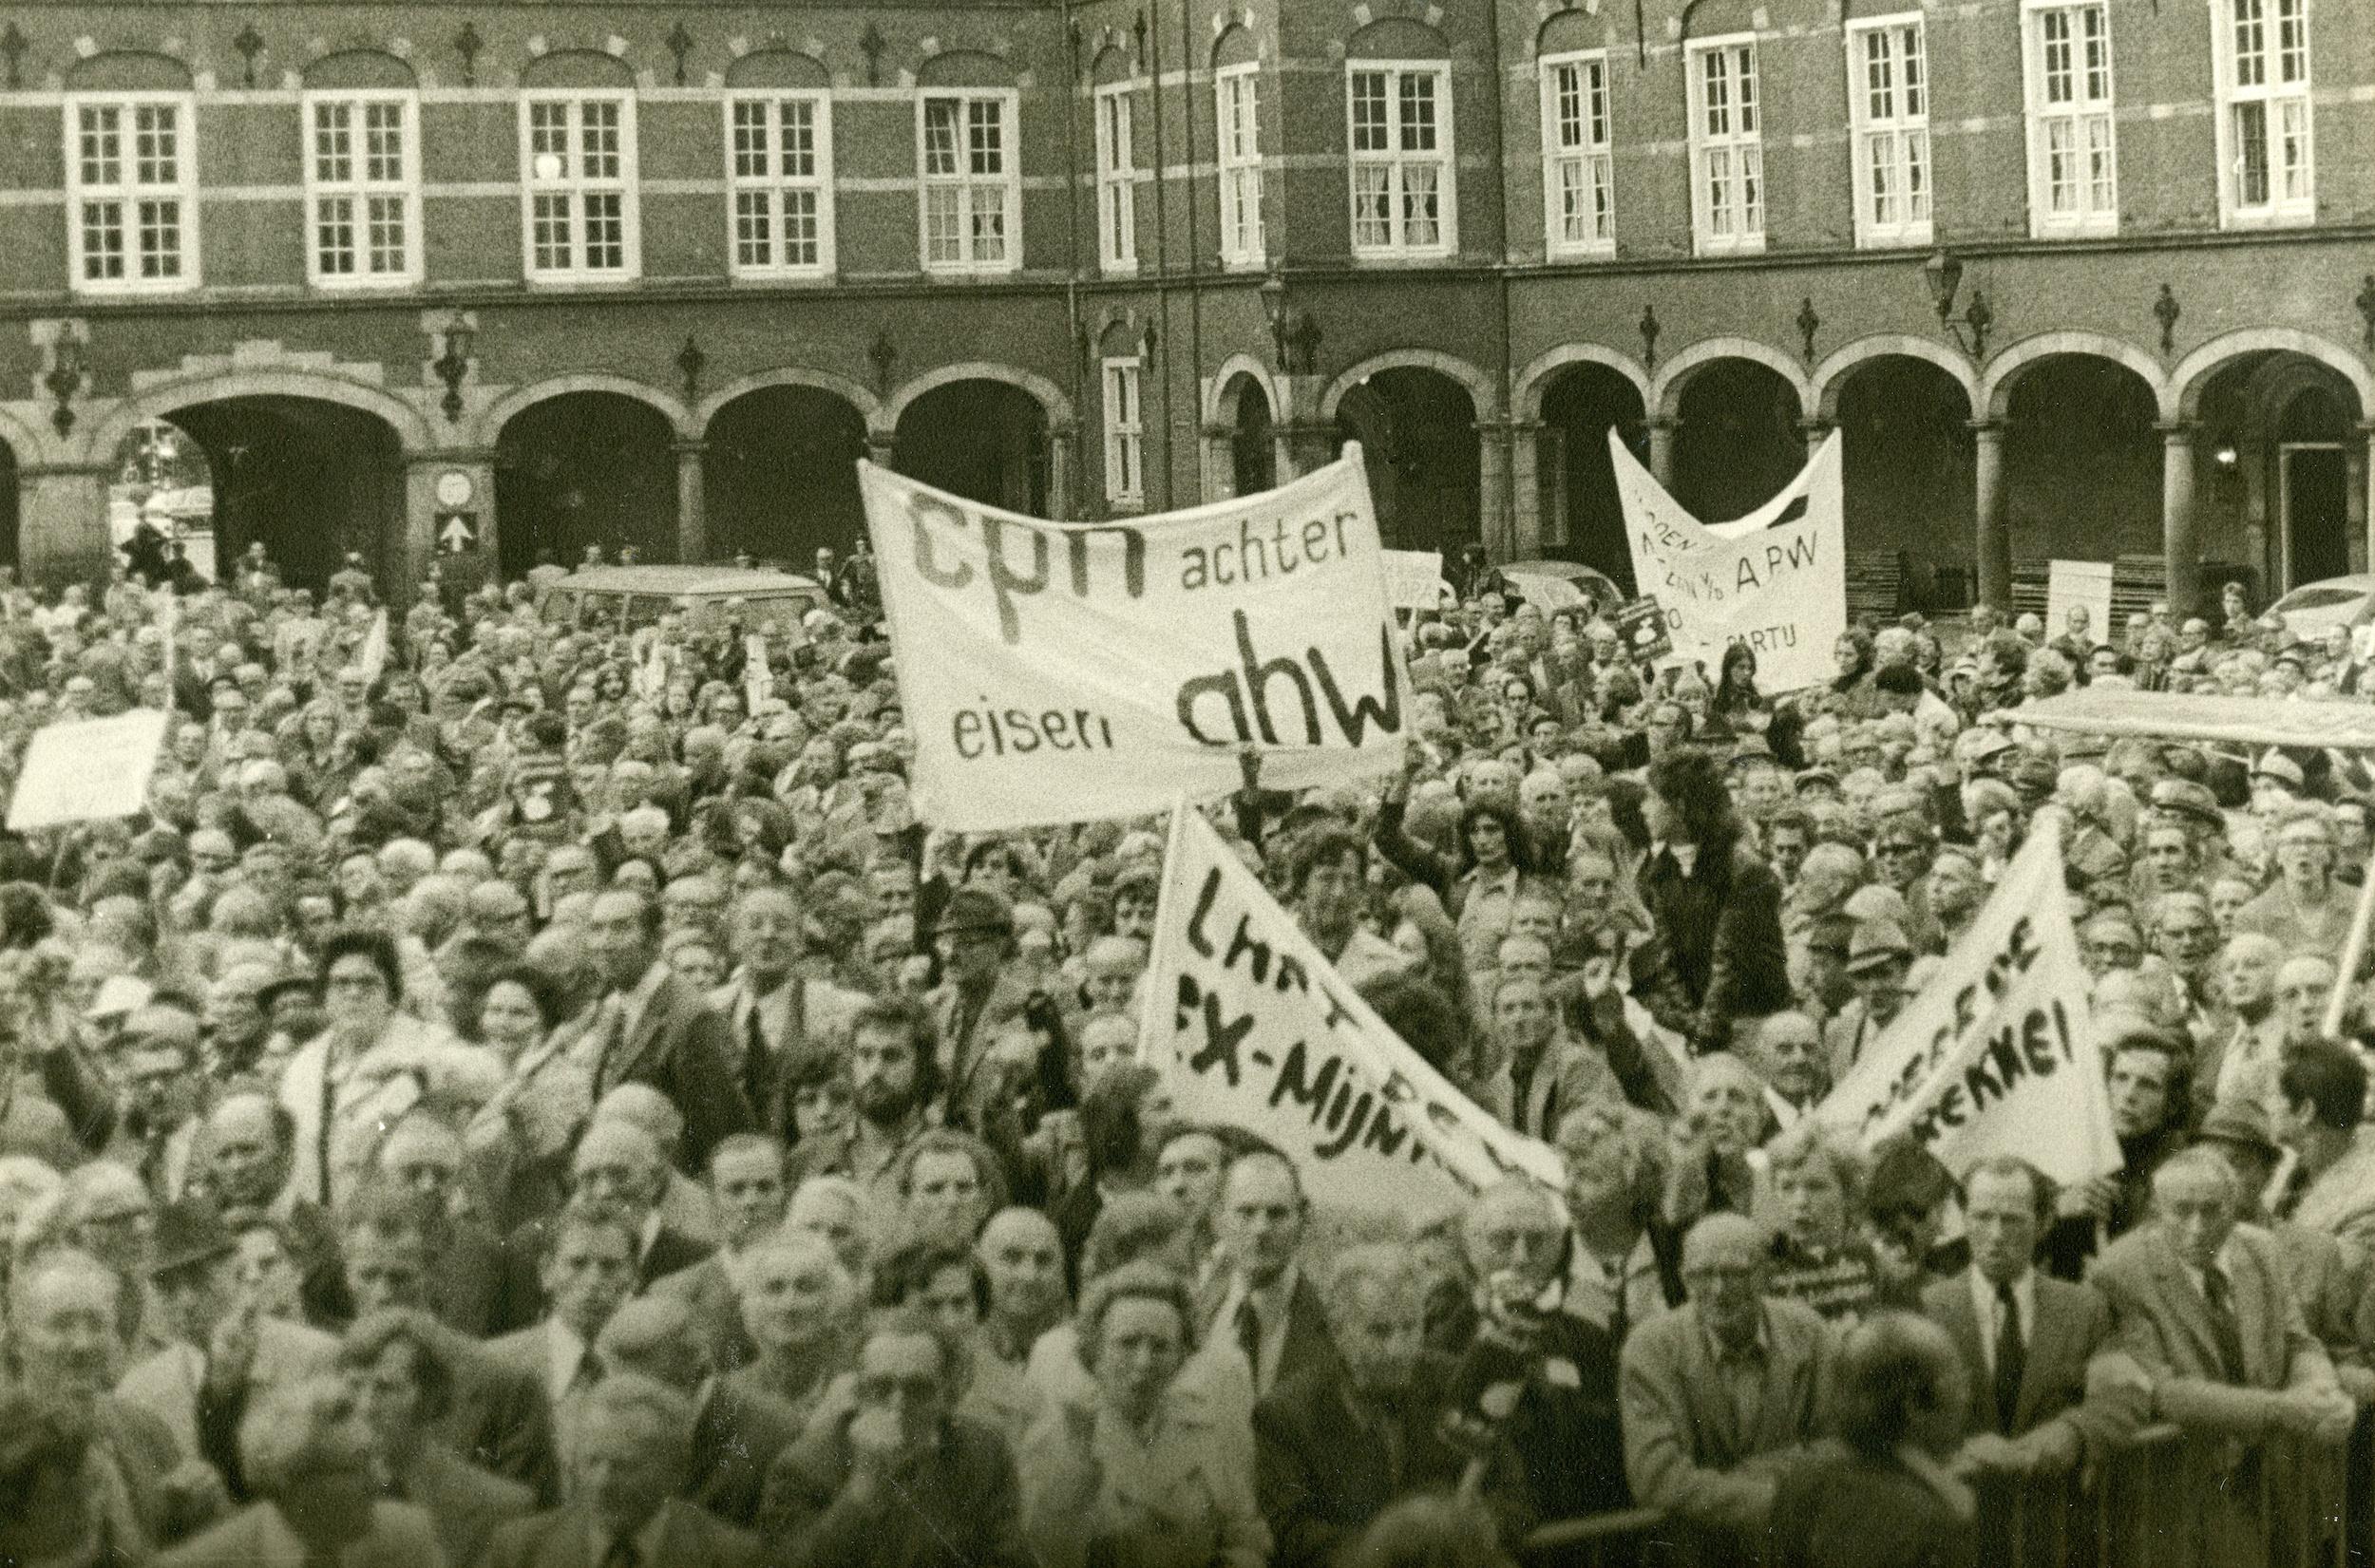 Mijnwerkers trokken in 1975 massaal naar Den Haag voor betere pensioenen